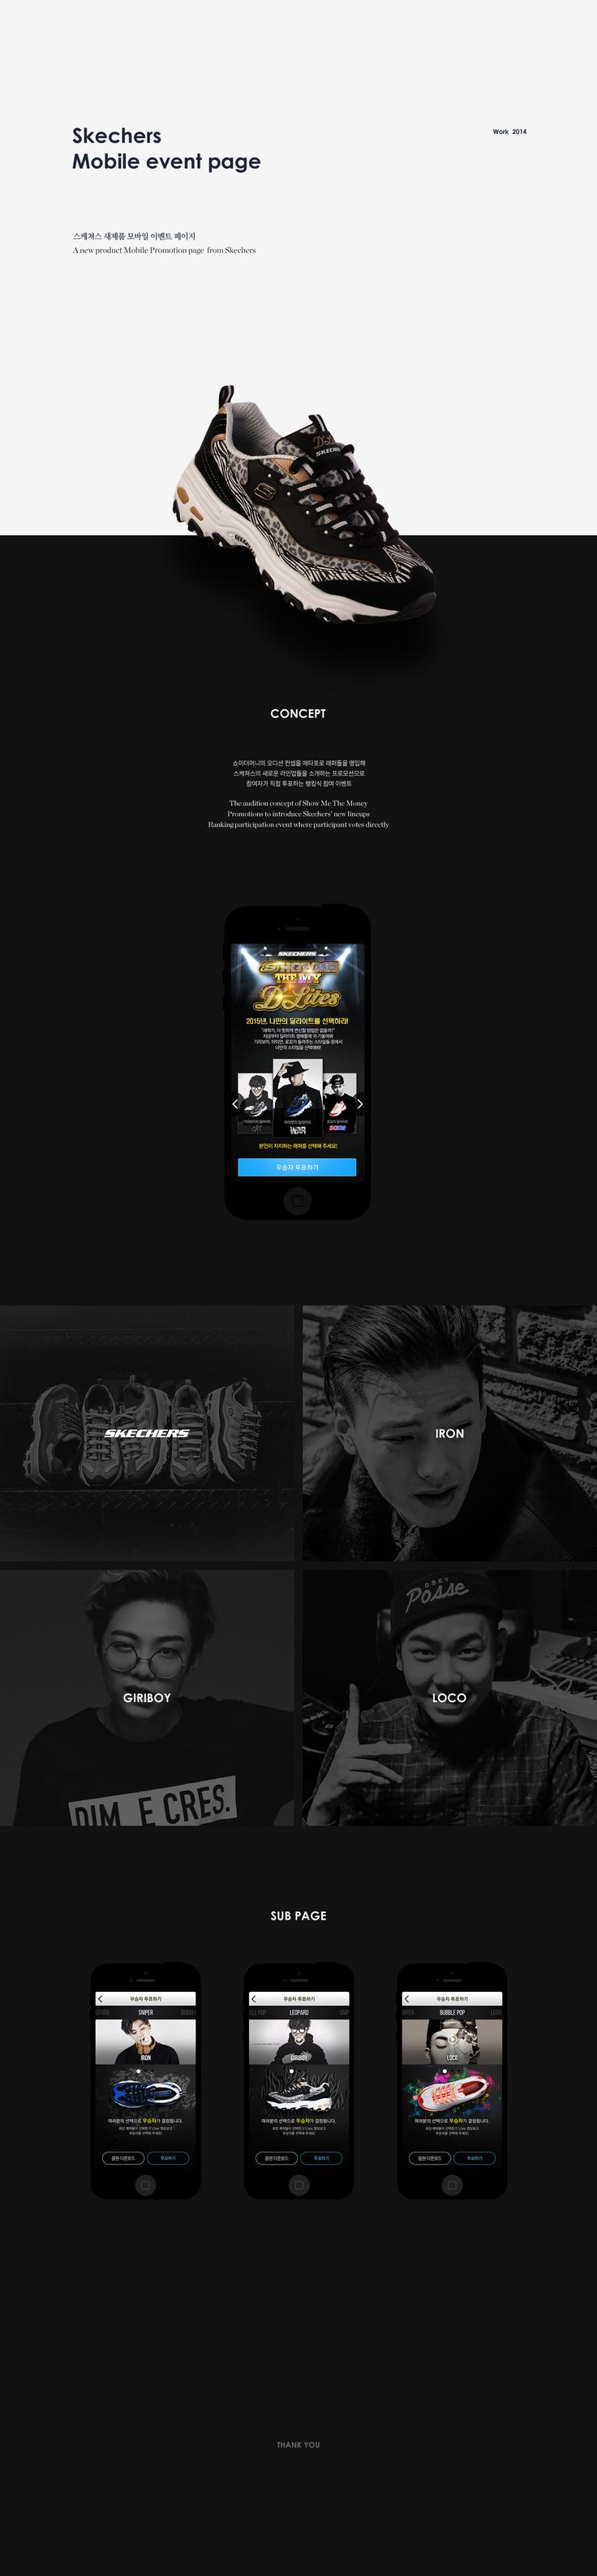 skechers mobile promotion design  #mobile #design #ui #ux #promotion